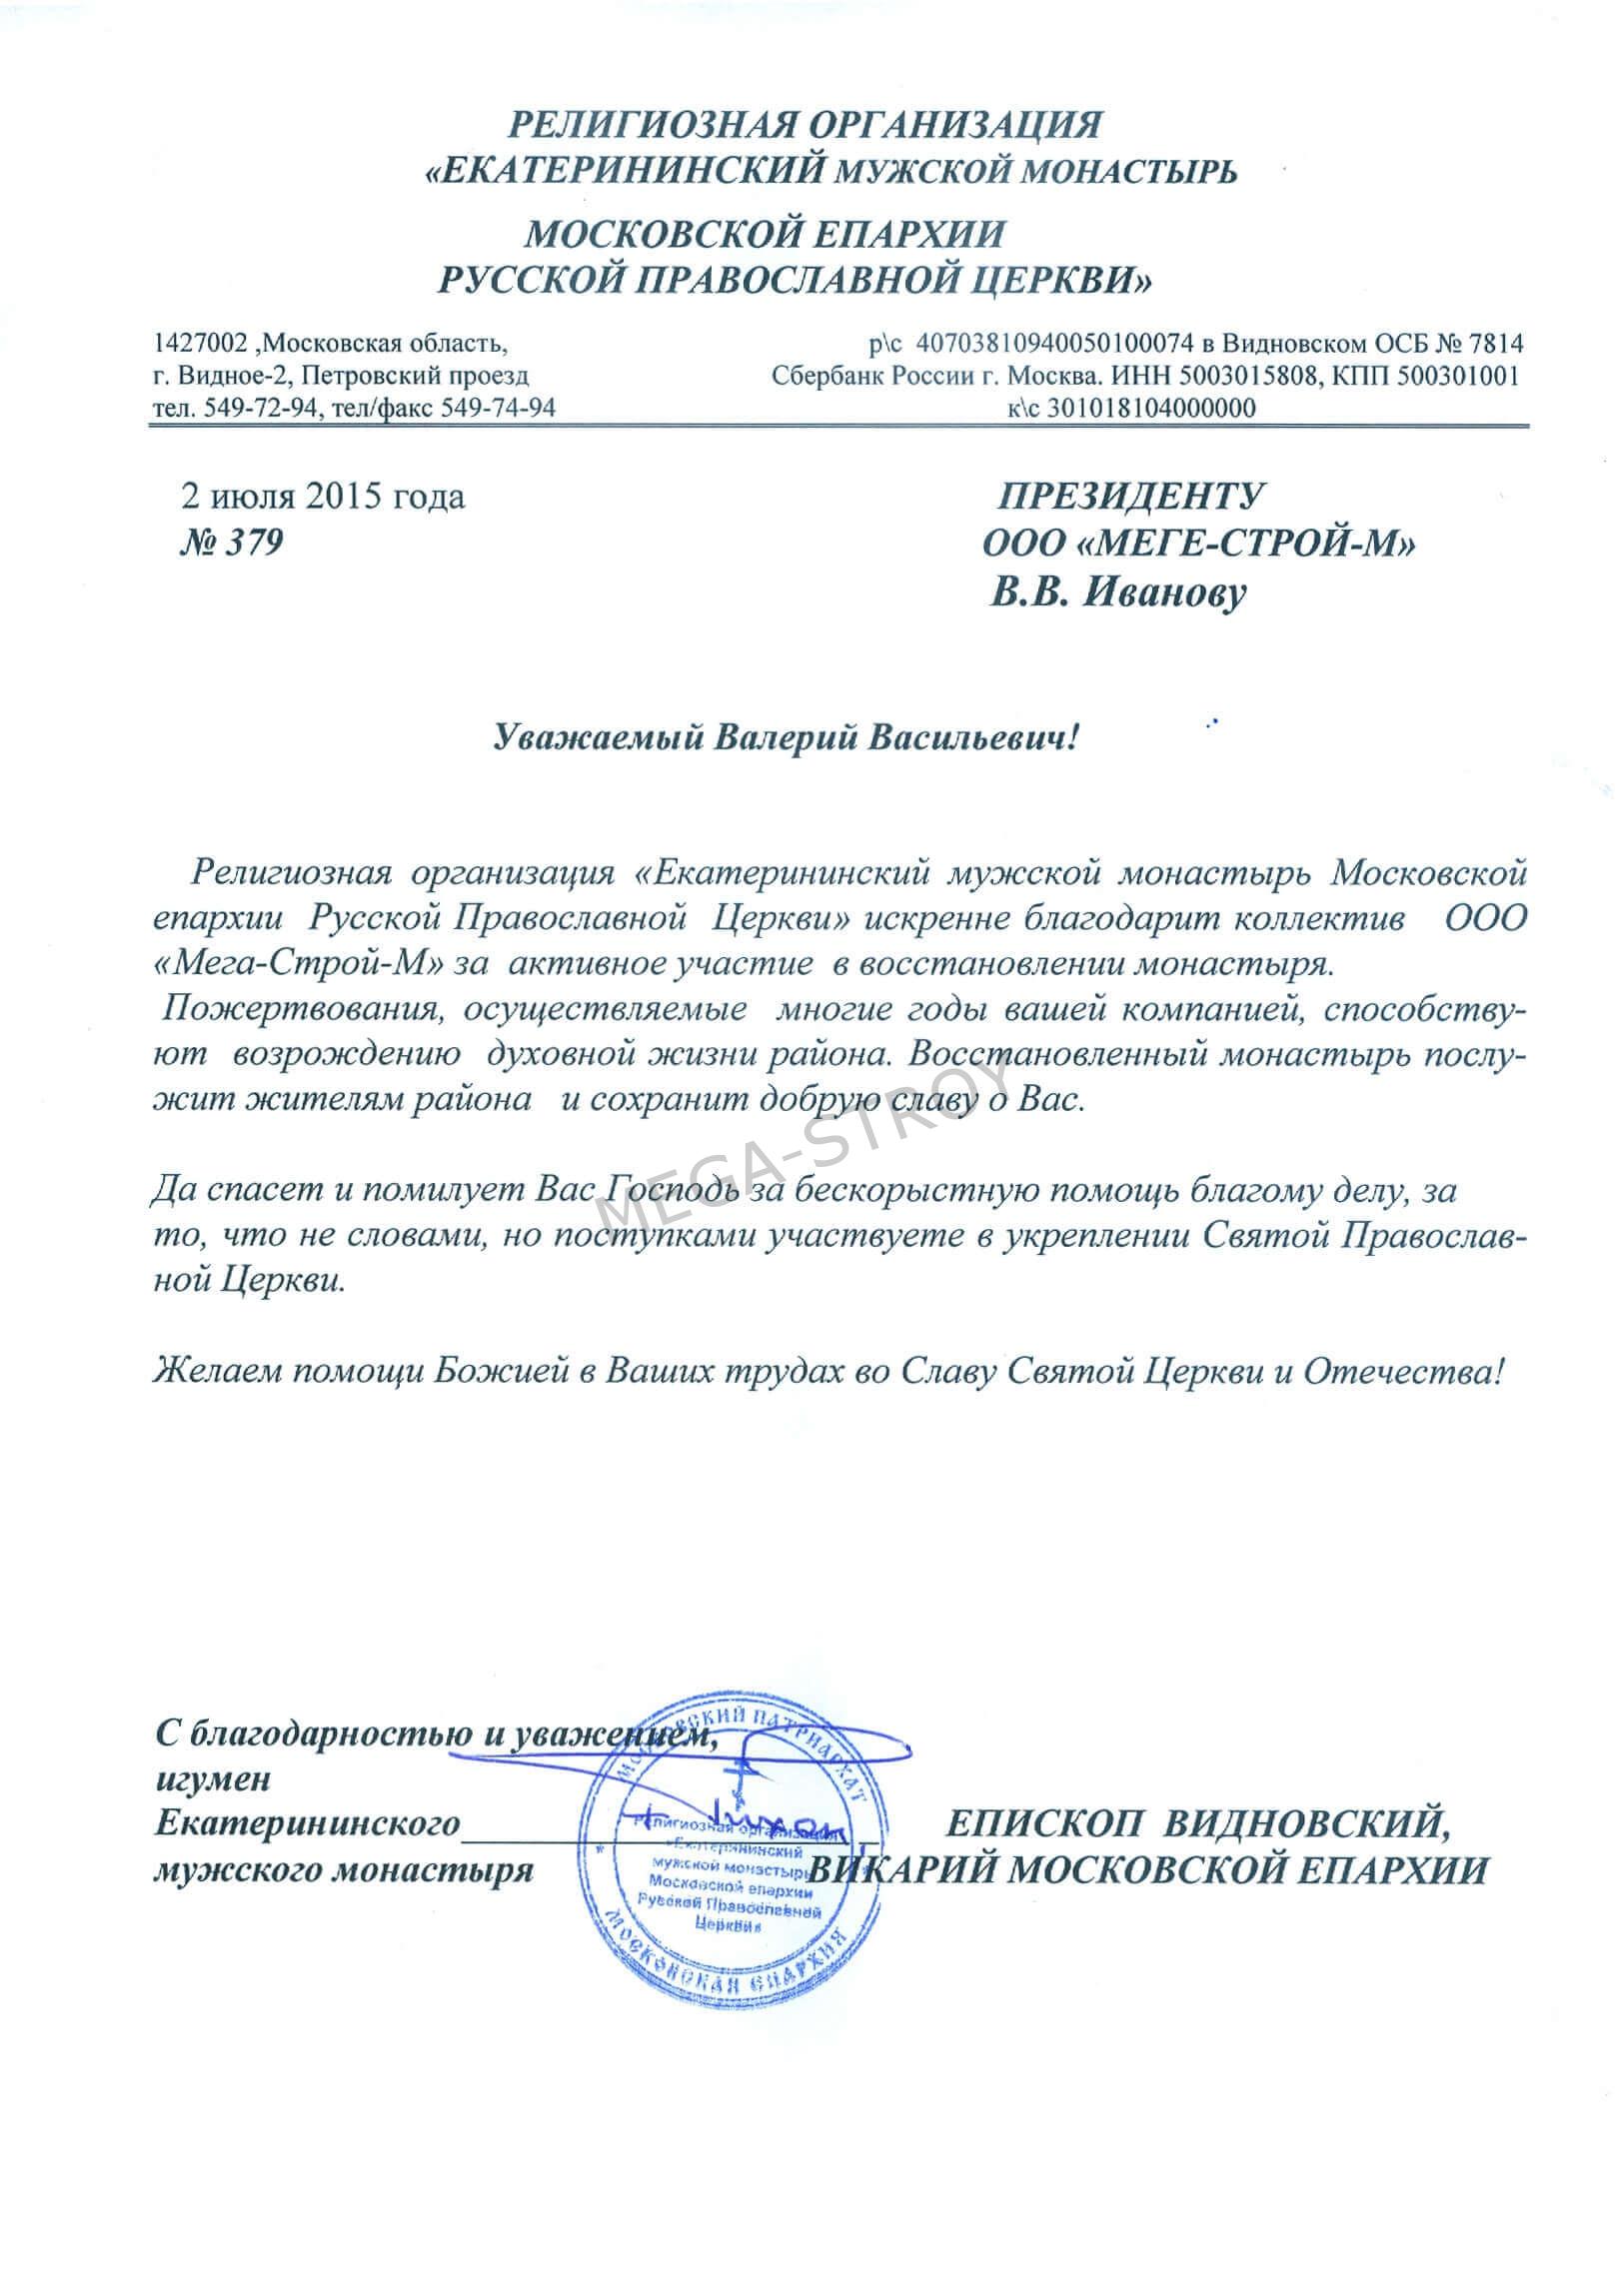 Рекомендательное письмо от Екатерининского монастыря | МЕГА-СТРОЙ